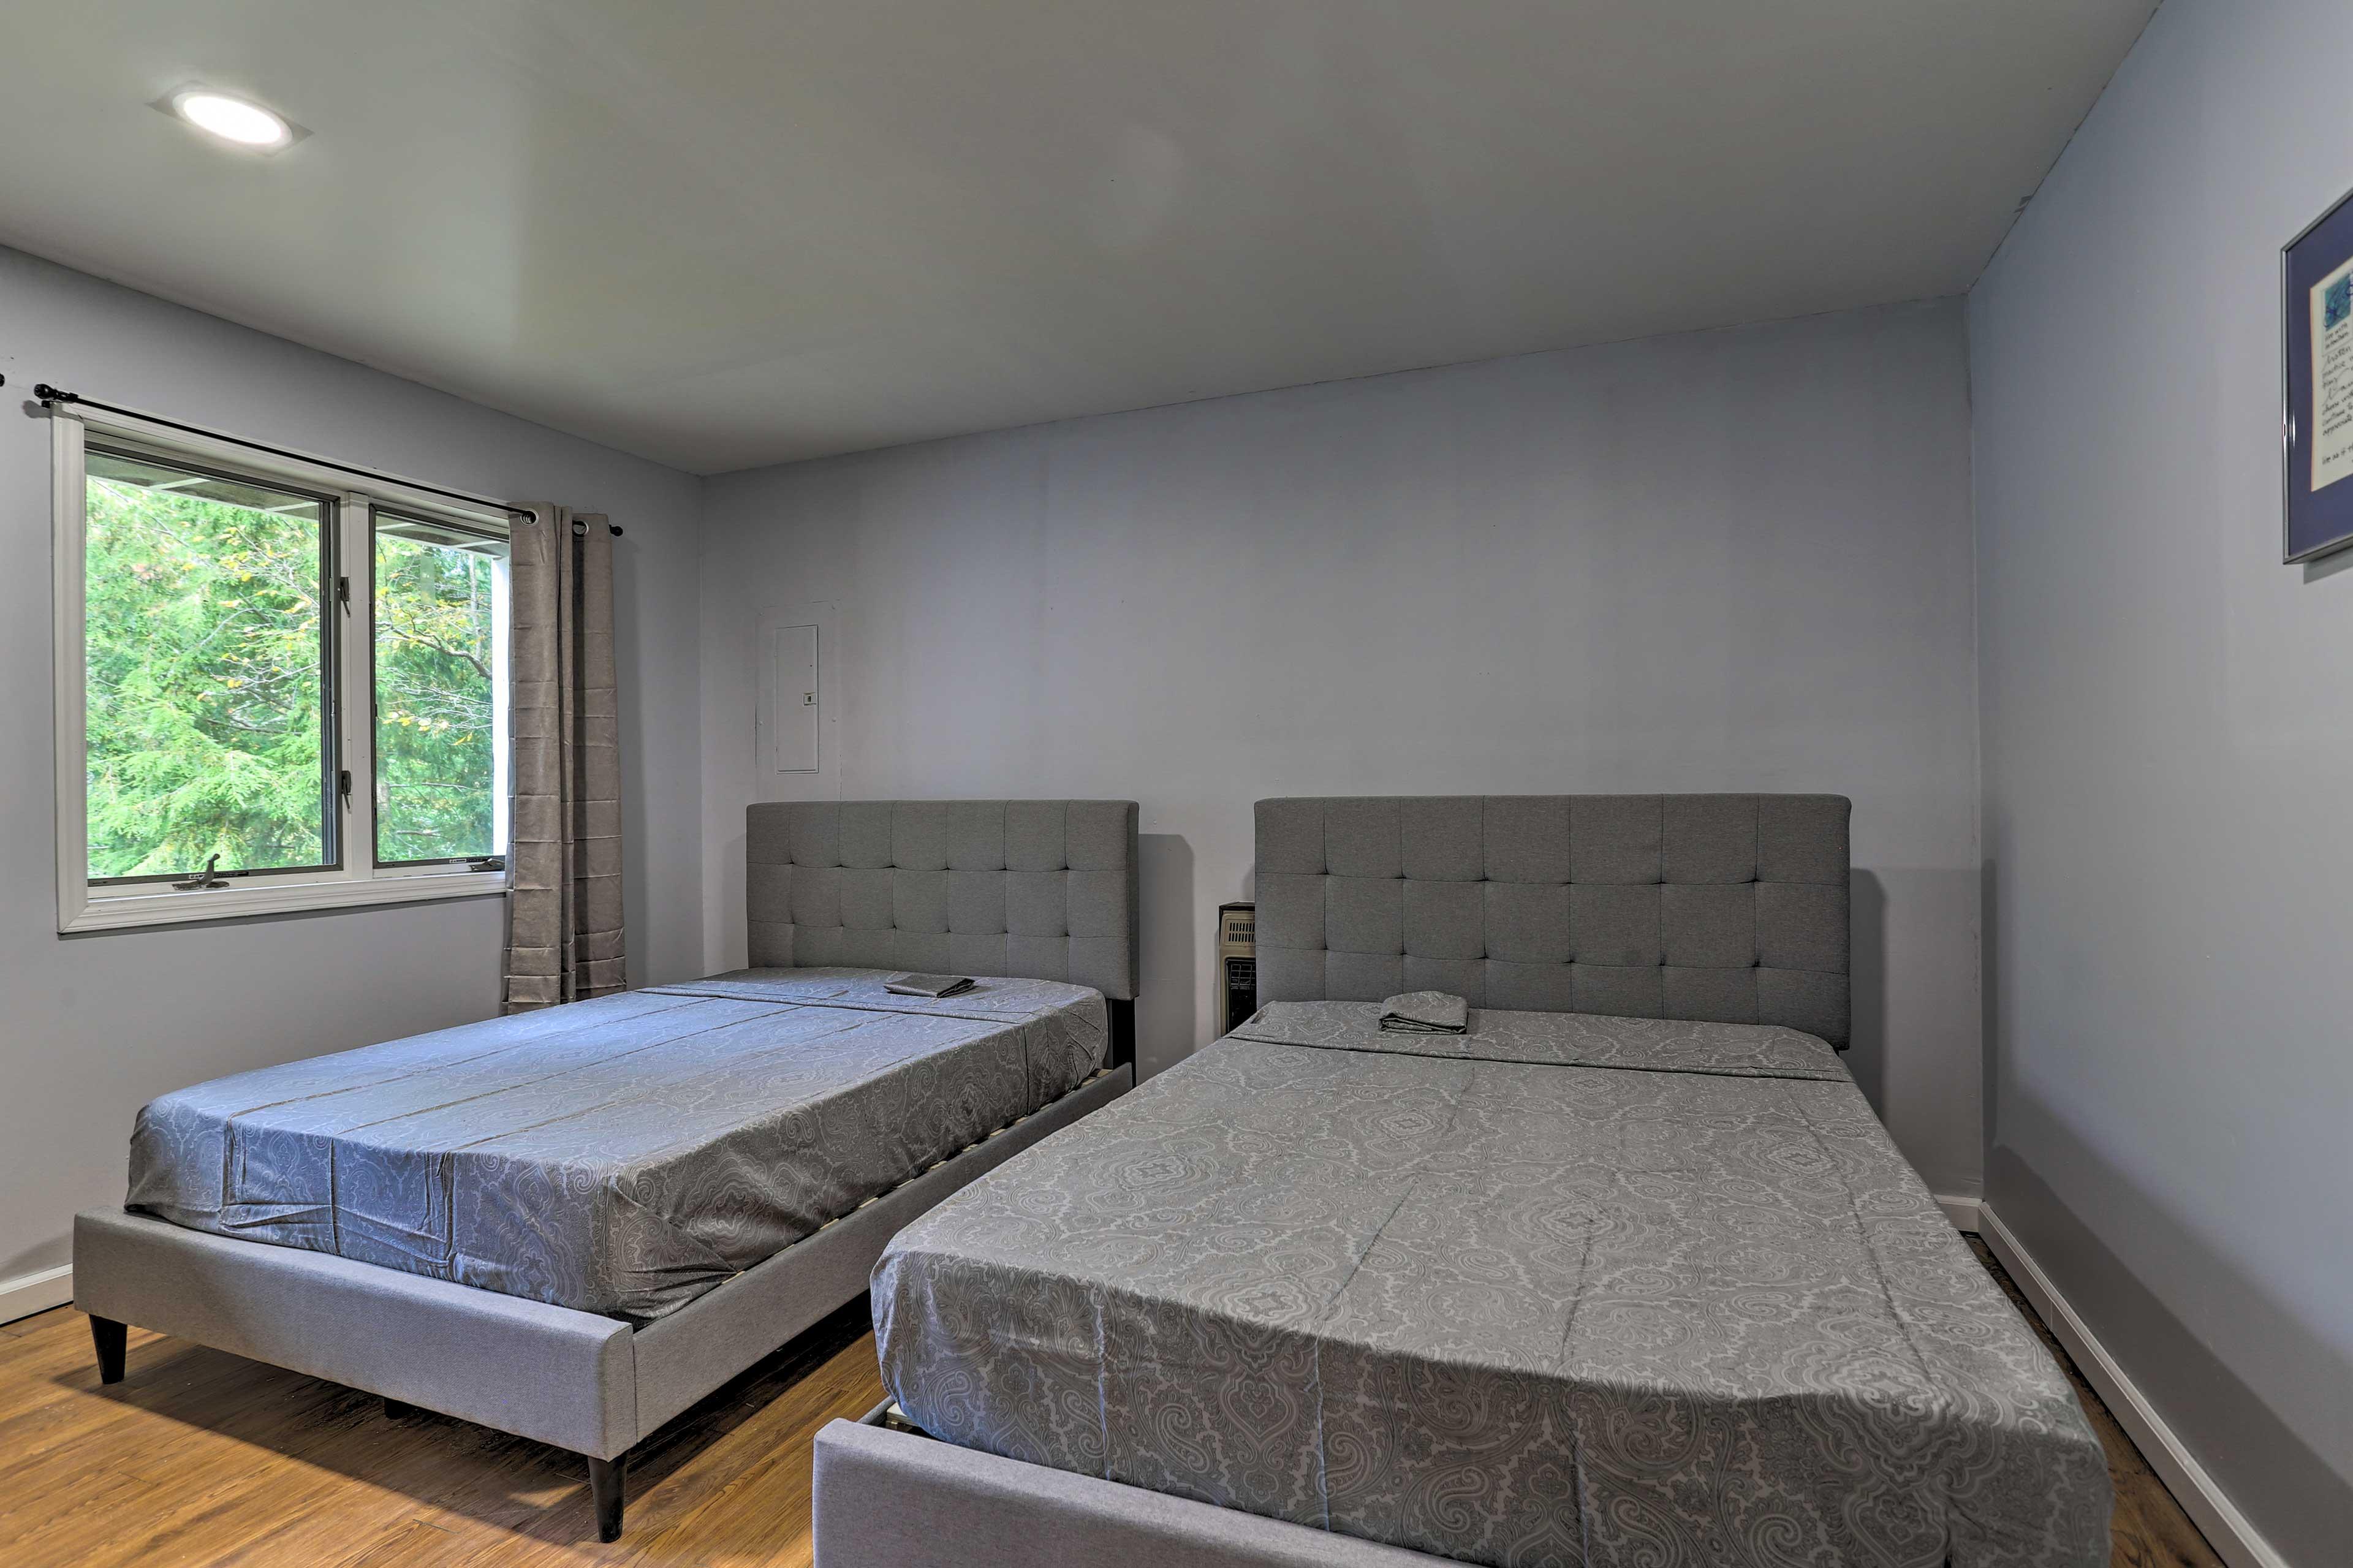 Bedroom 4 | 2 Full Beds